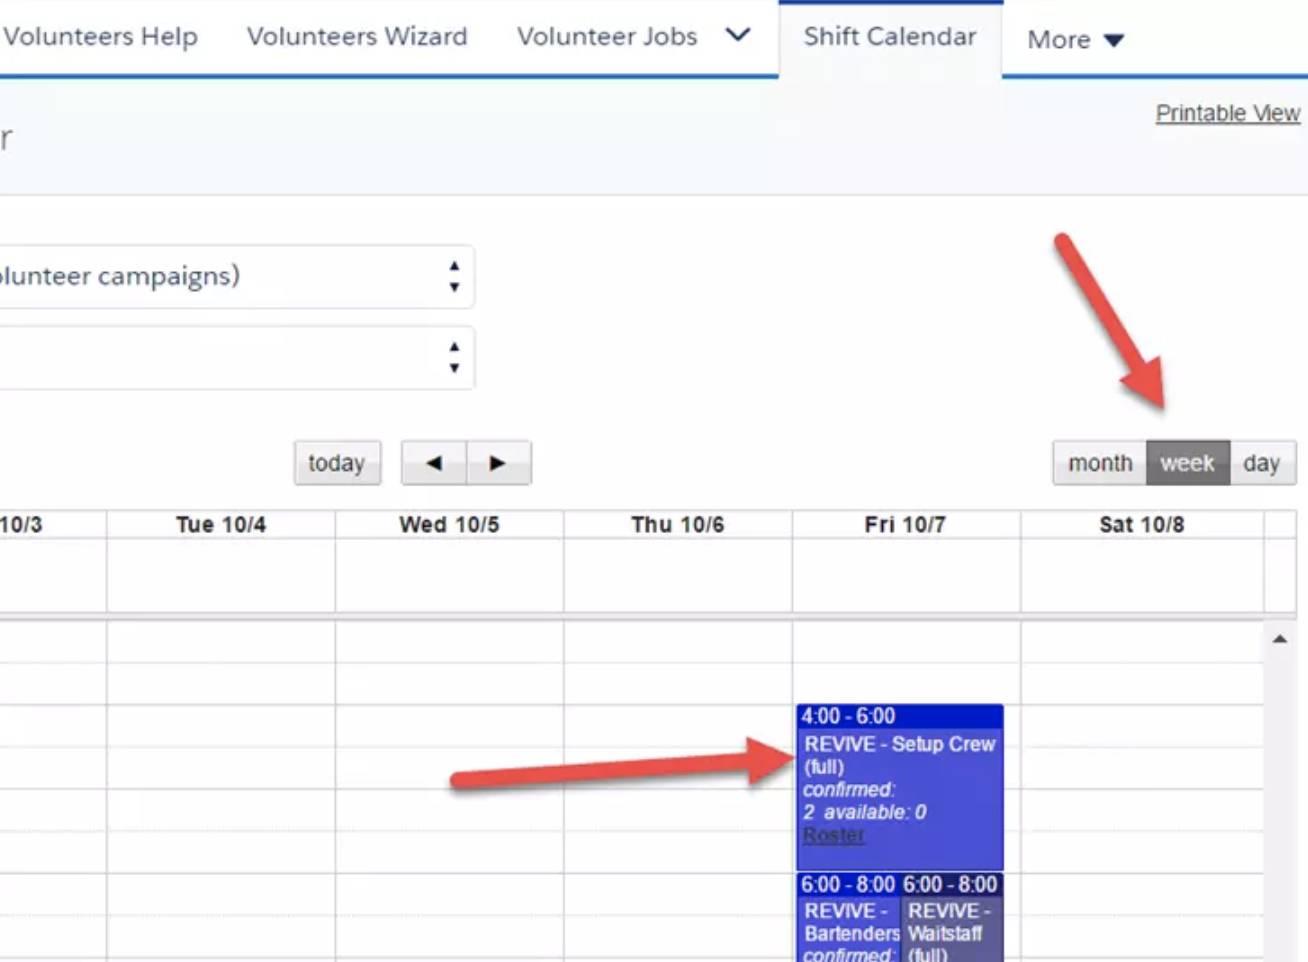 Captura de tela do calendário de turnos